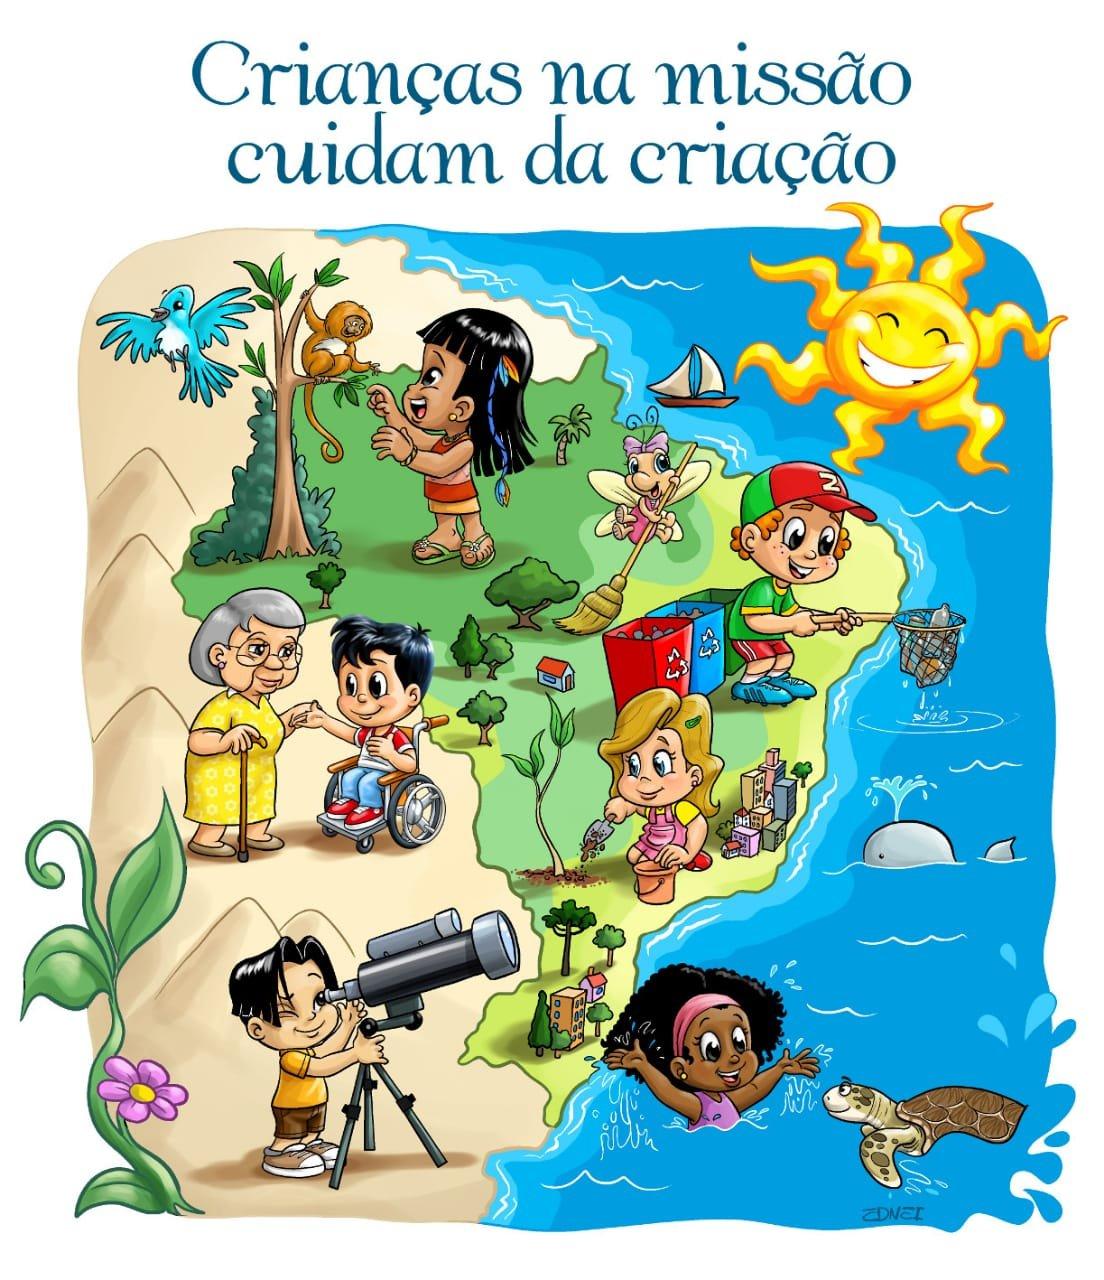 DNTC - Crianças na missão cuidam da criação